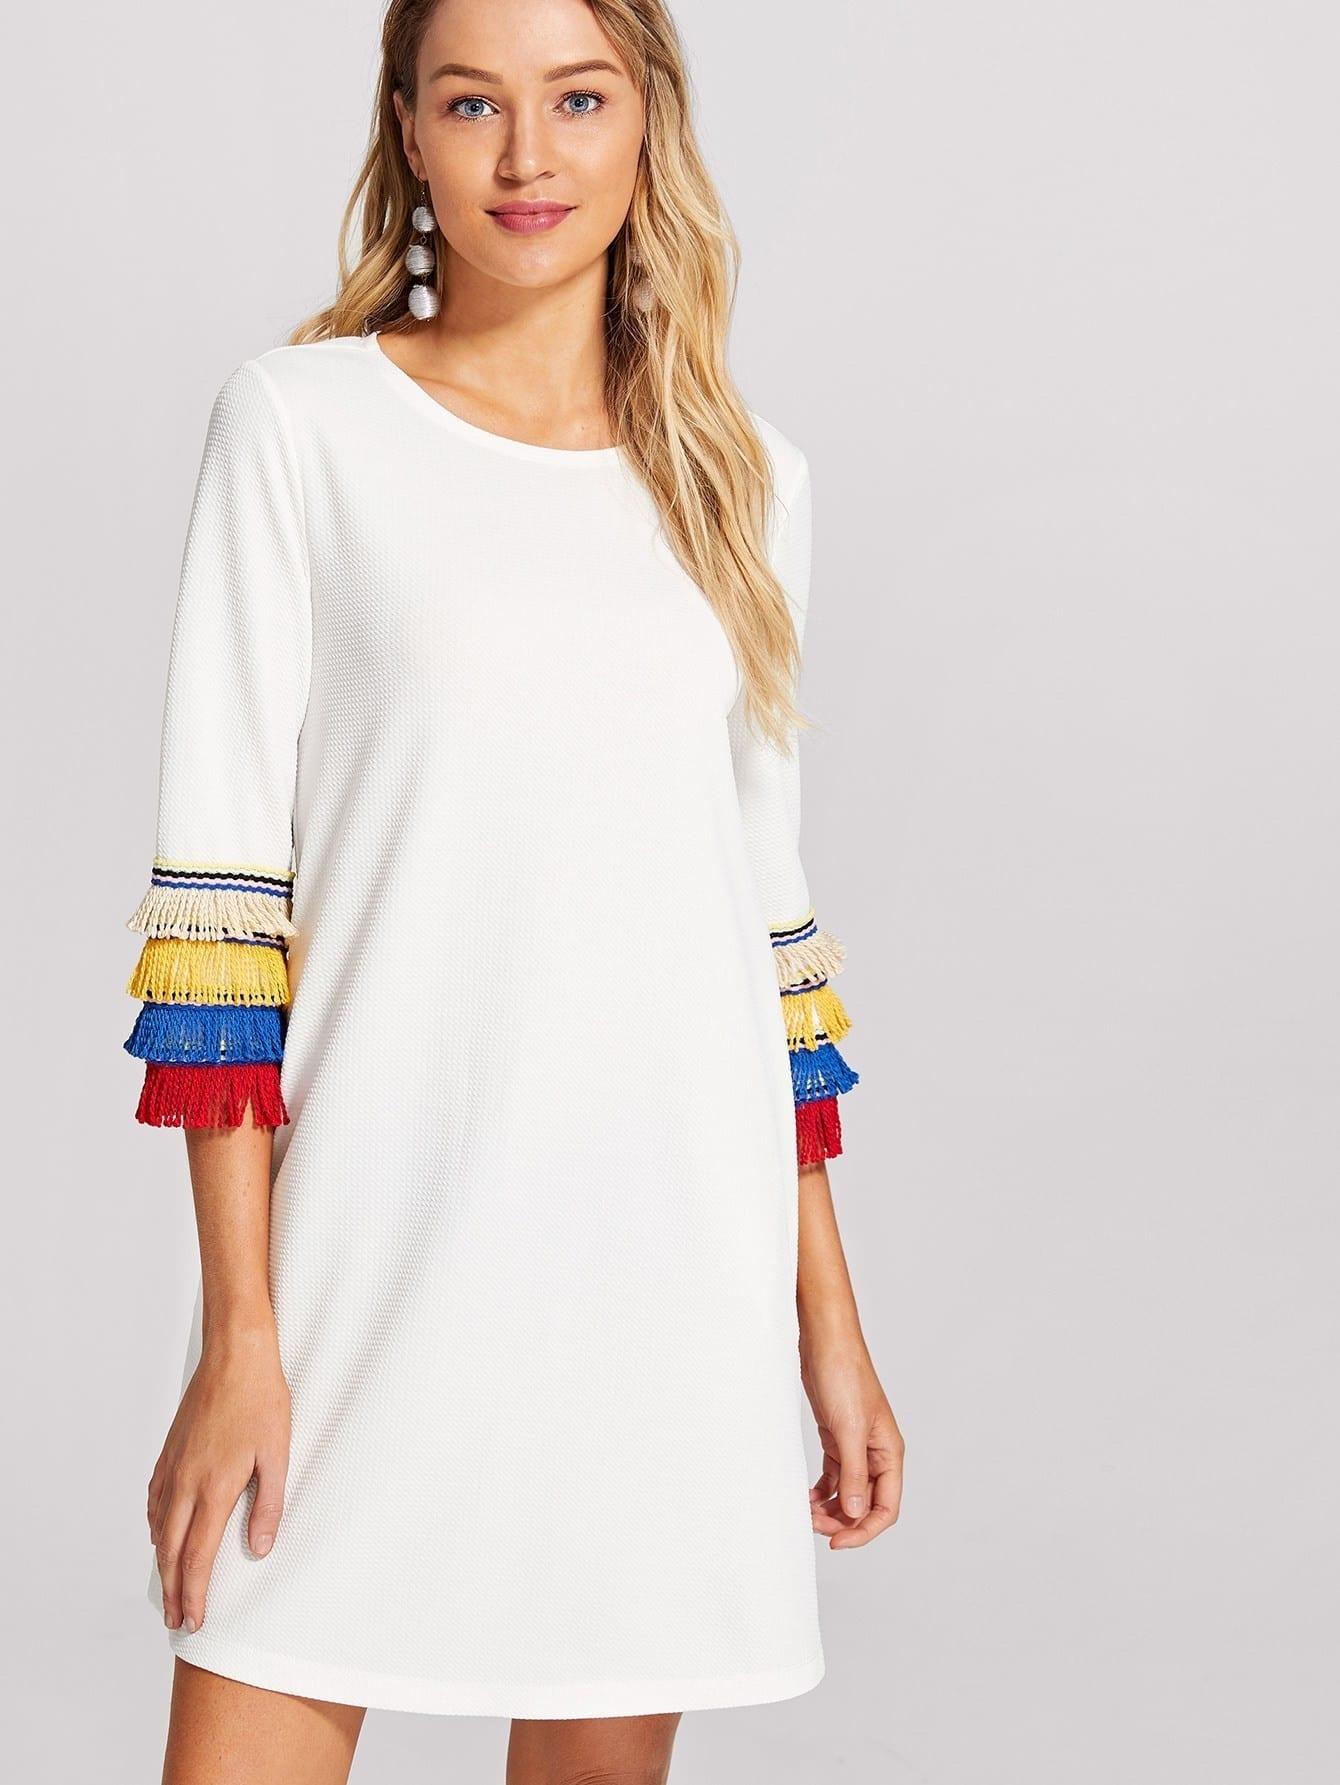 Layered Fringe Embellished Textured Dress solid layered fringe pants